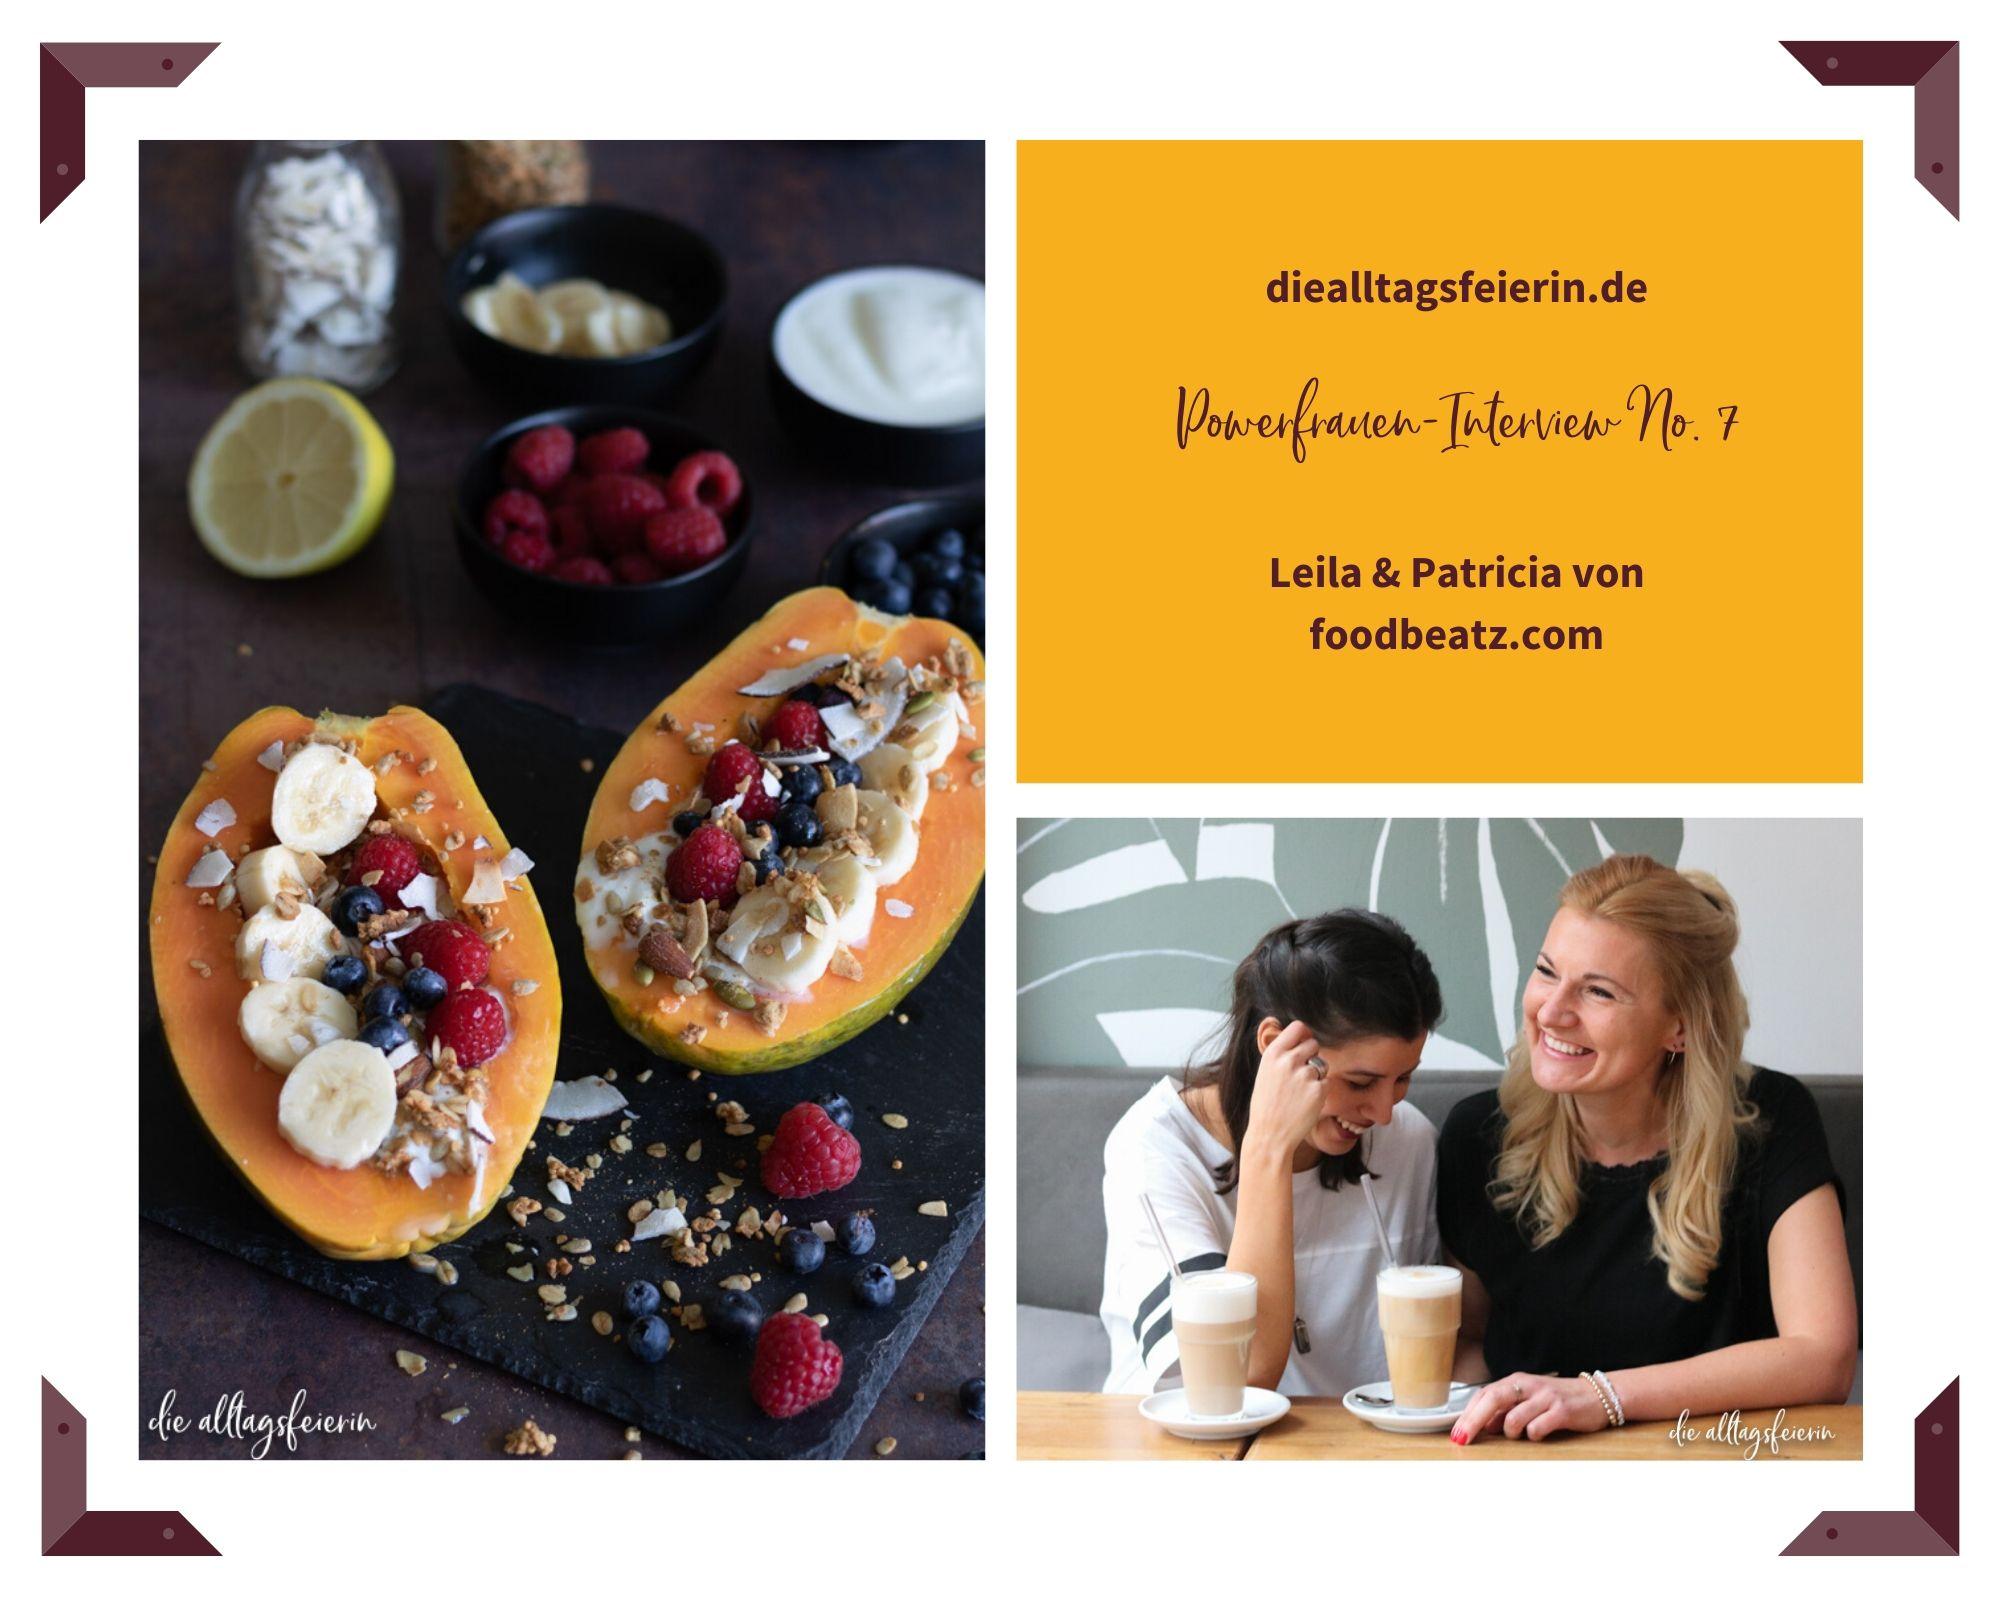 foodbeat.com, Leila und Patricia Gründerinnen von foddbeatz.com das Powerfrauen Interview 7